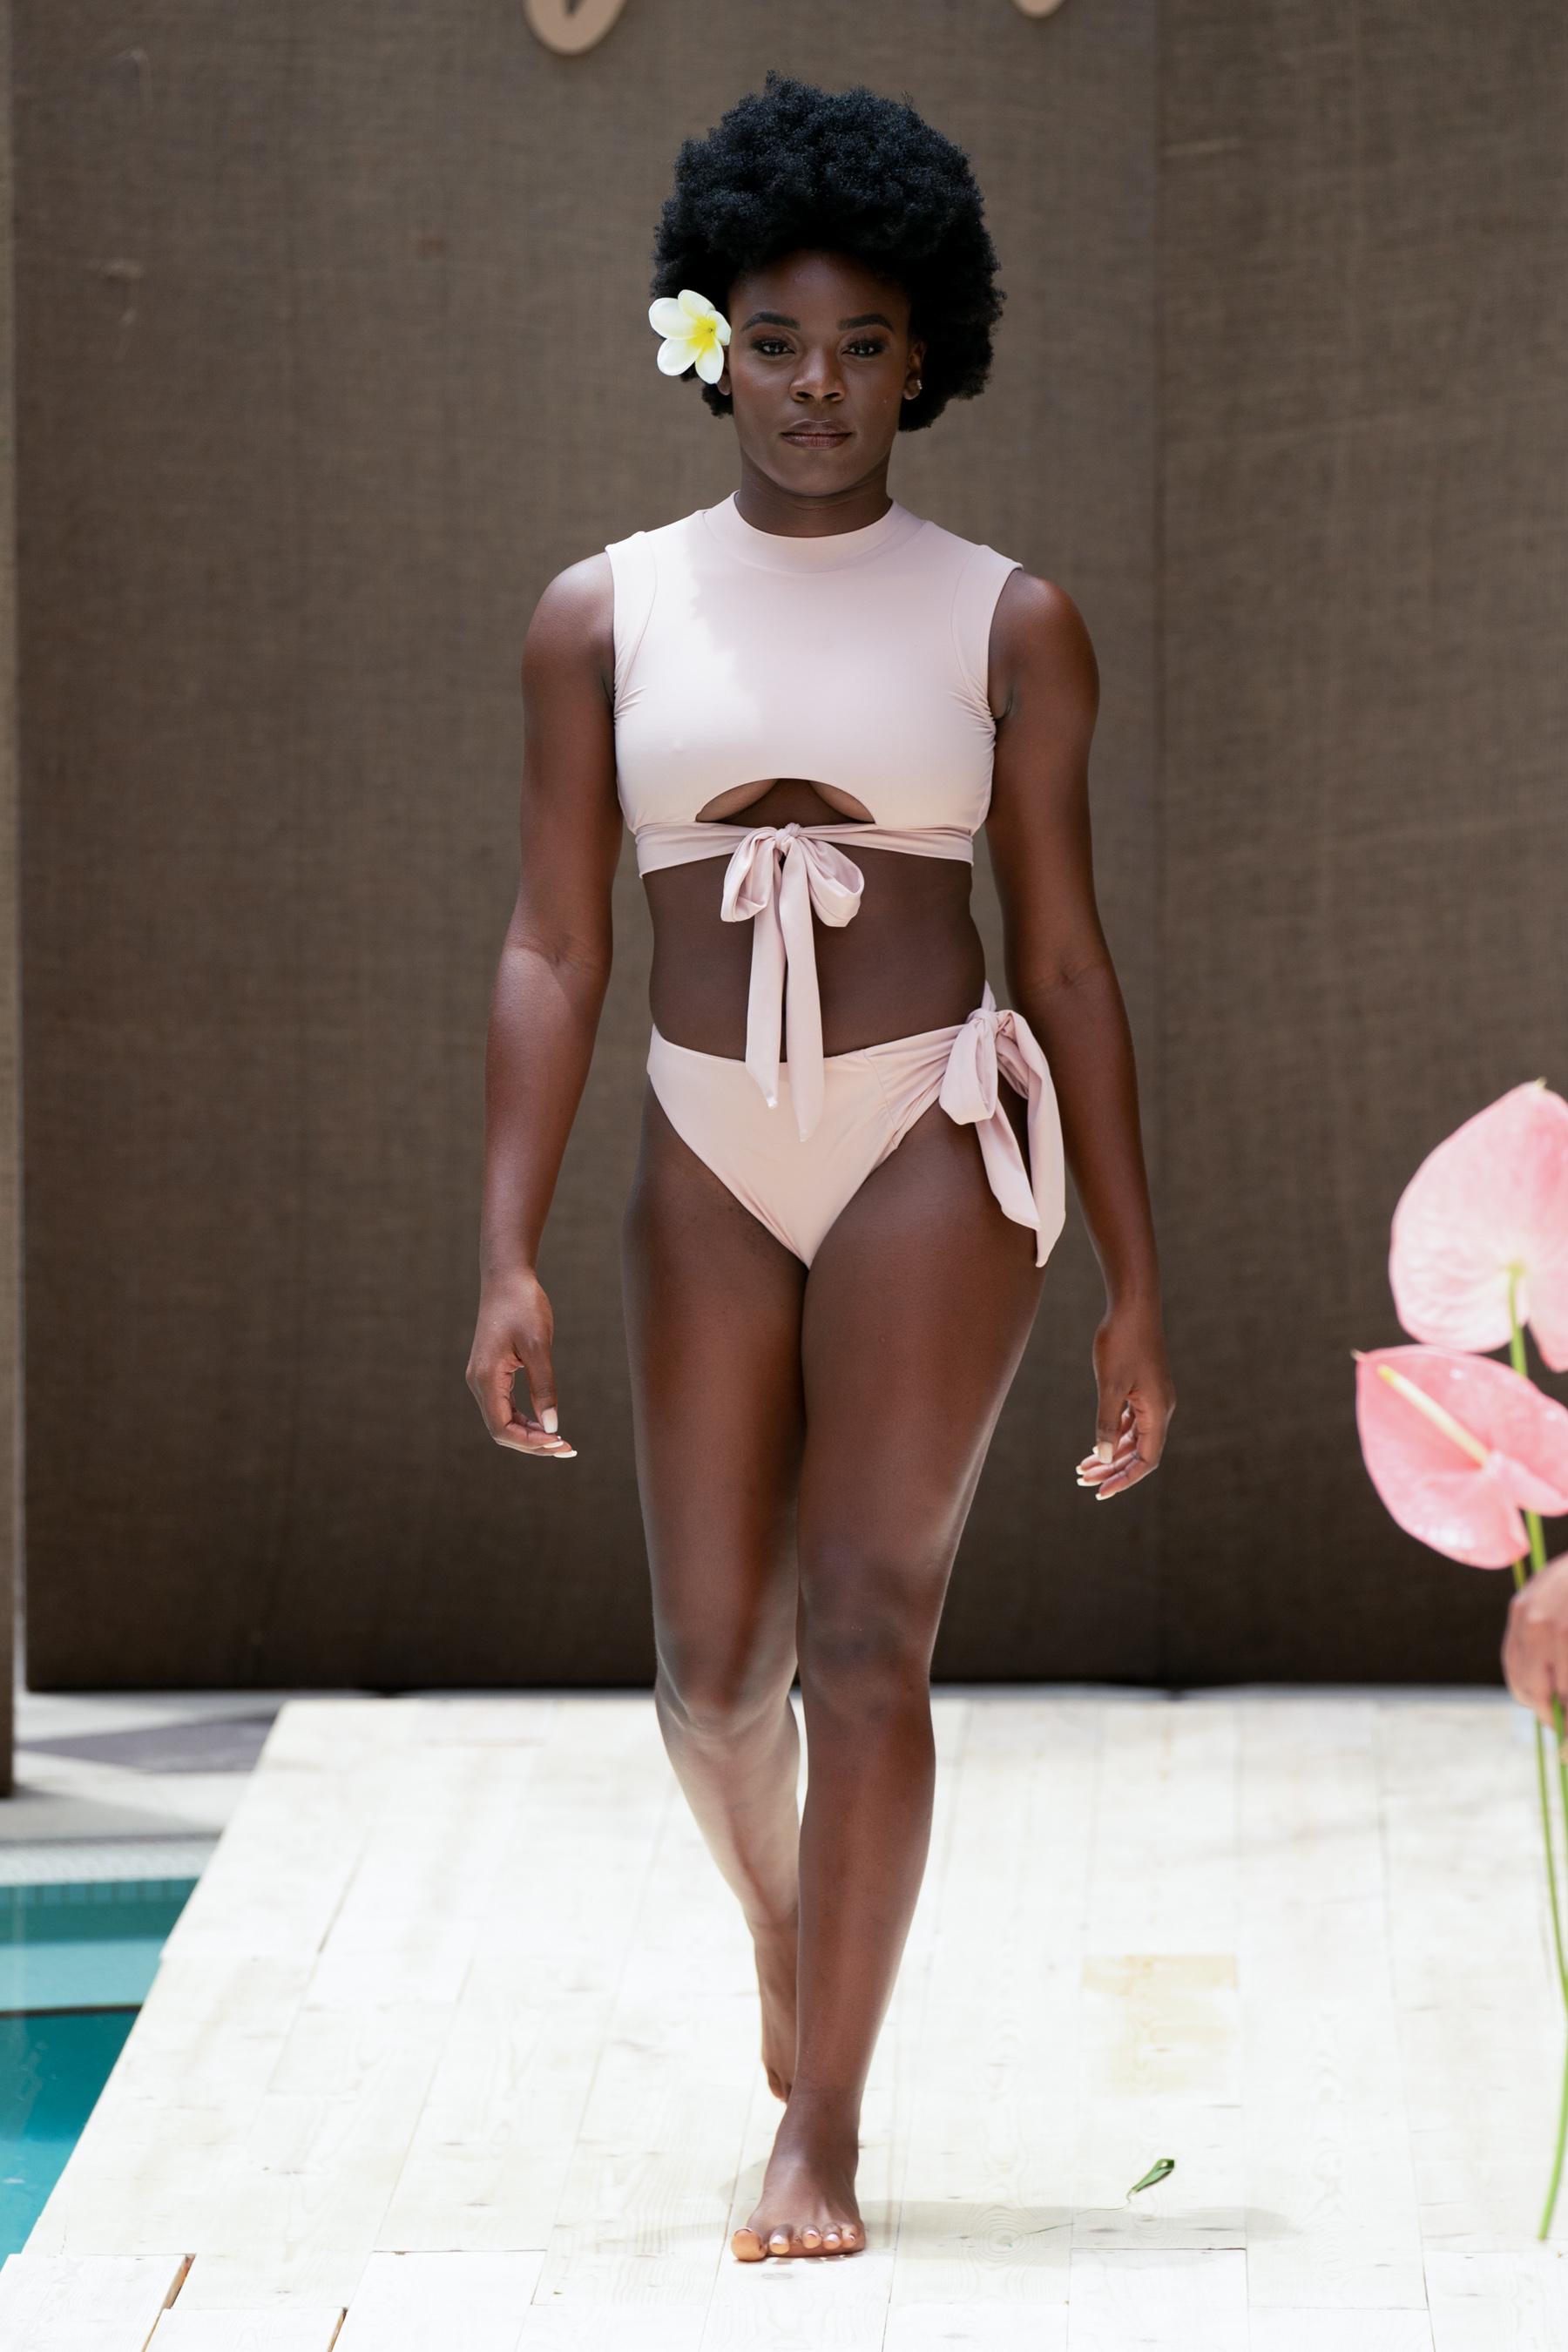 Leimakani Spring 2022 Swimwear  Fashion Show